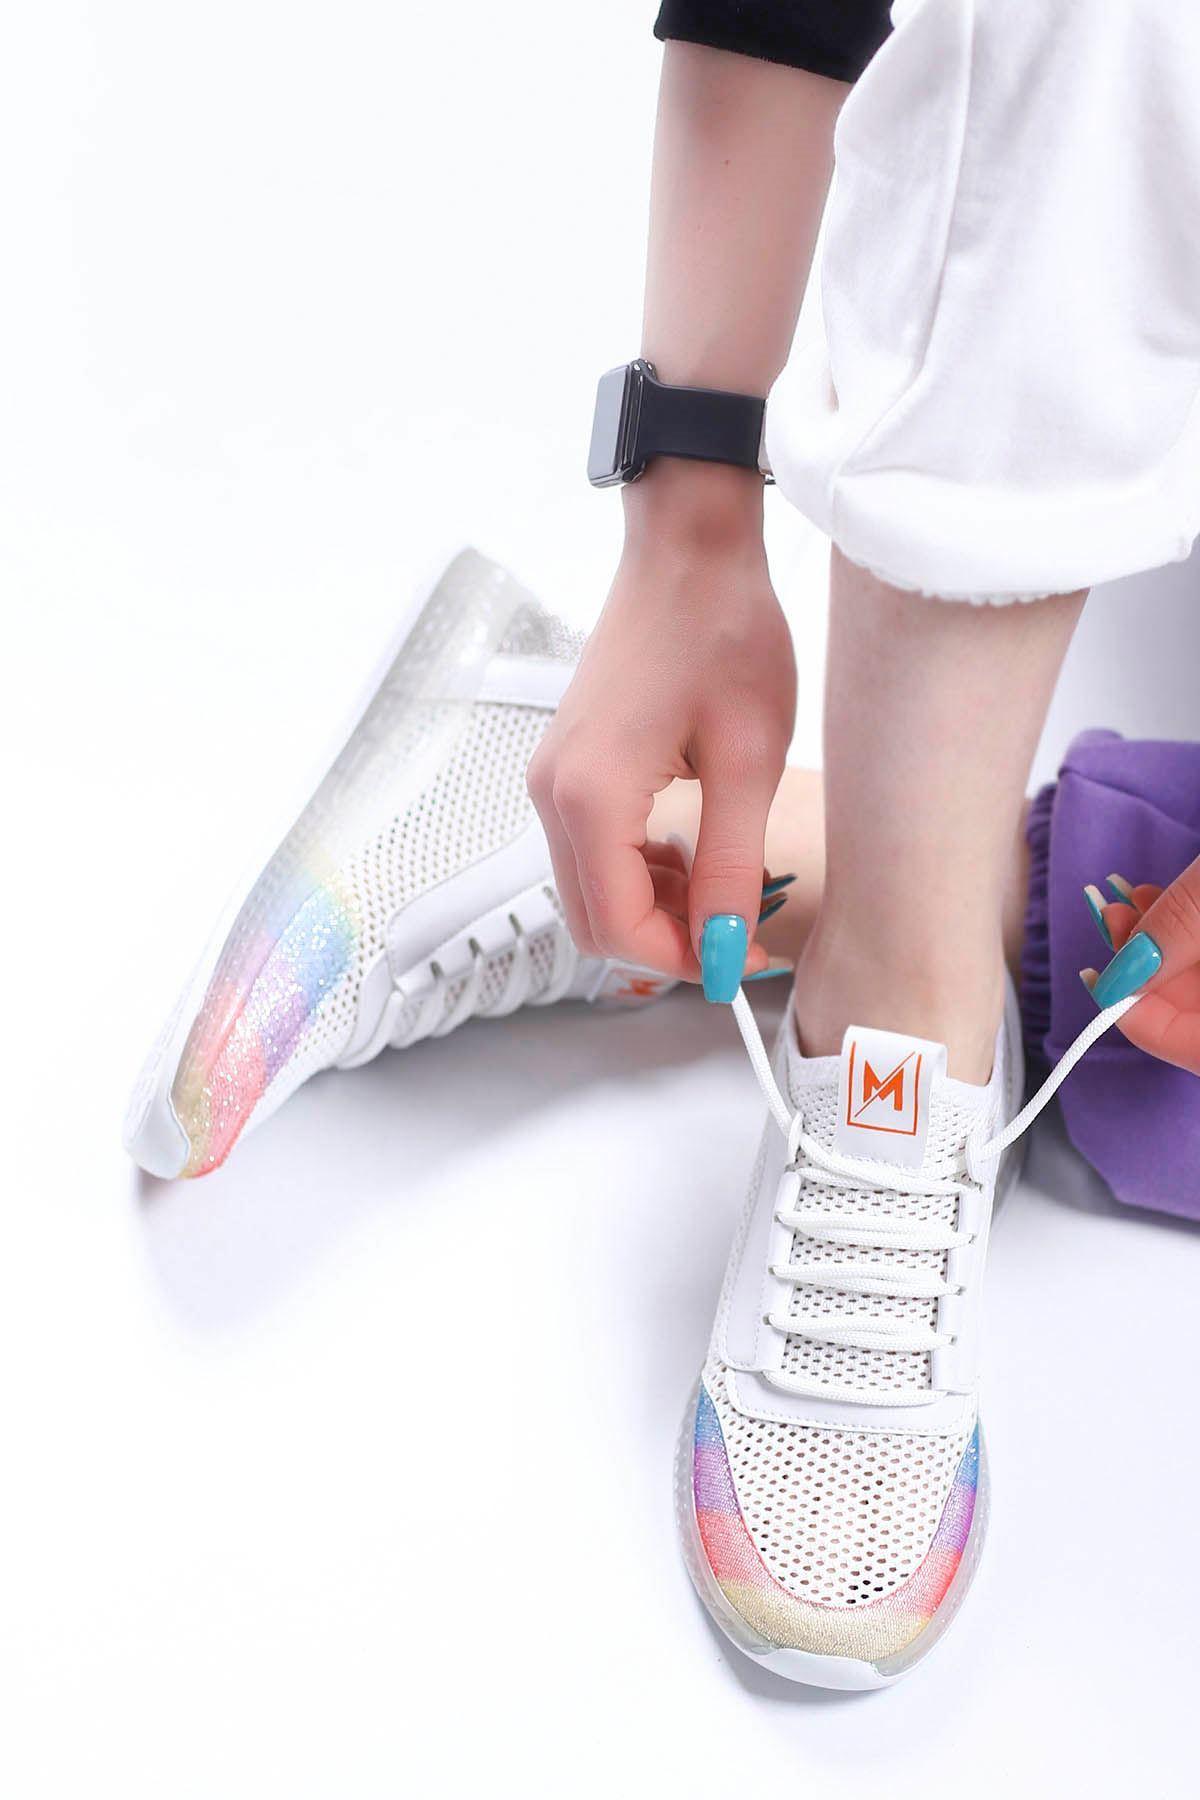 Sindirella Jel Taban Triko Spor Ayakkabı Beyaz